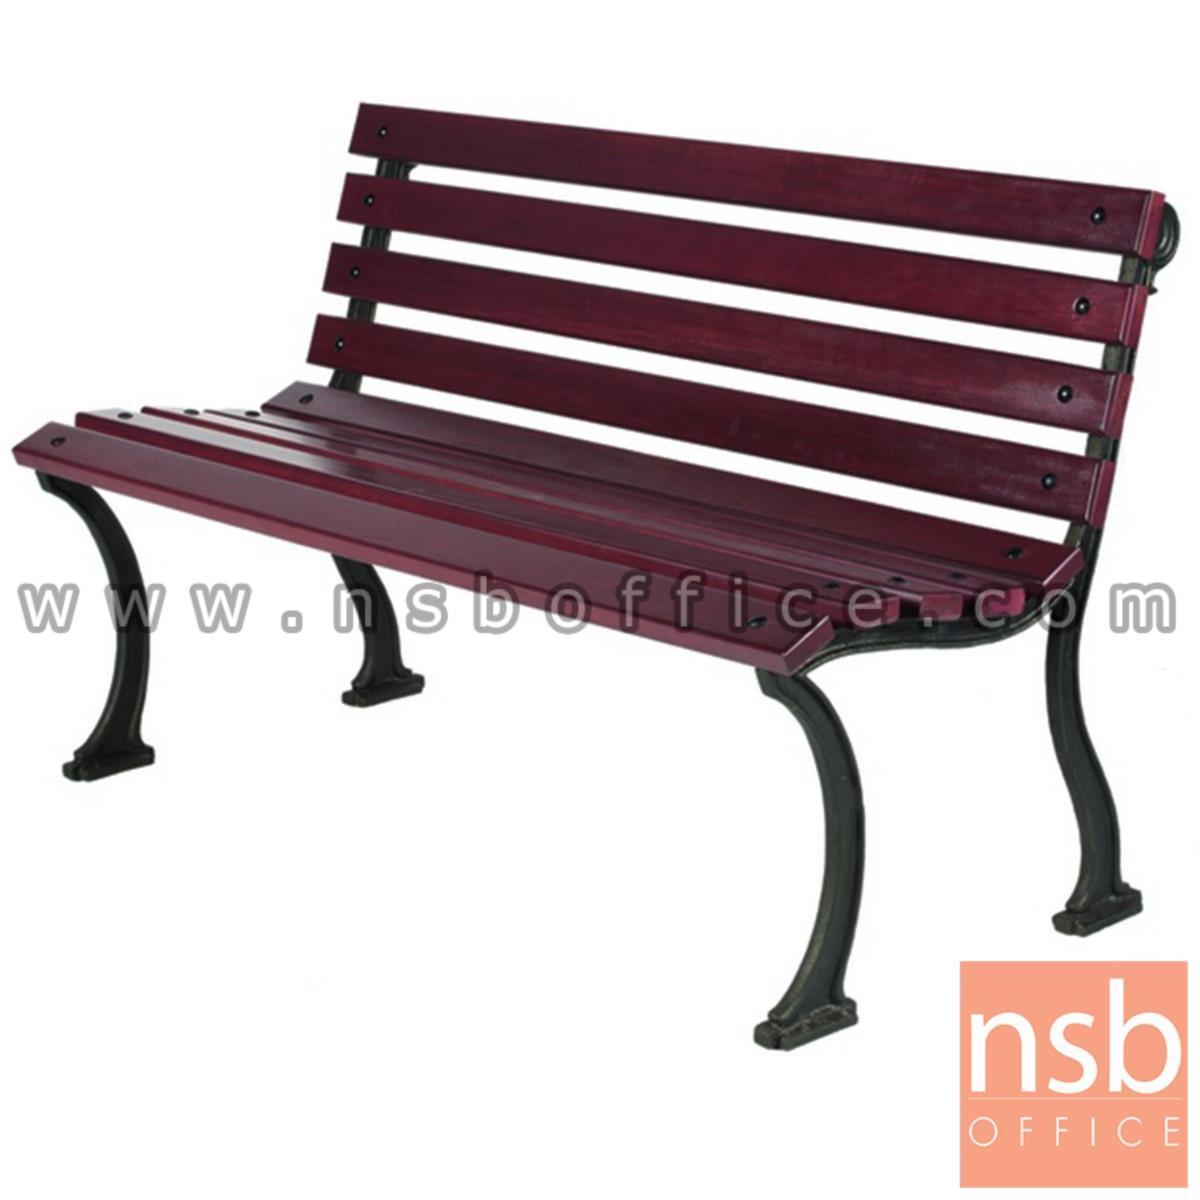 G08A037:เก้าอี้สนามไม้เต็ง เหล็กหล่อ กทม. BKK-CO20 (100, 120, 150, 200 cm)